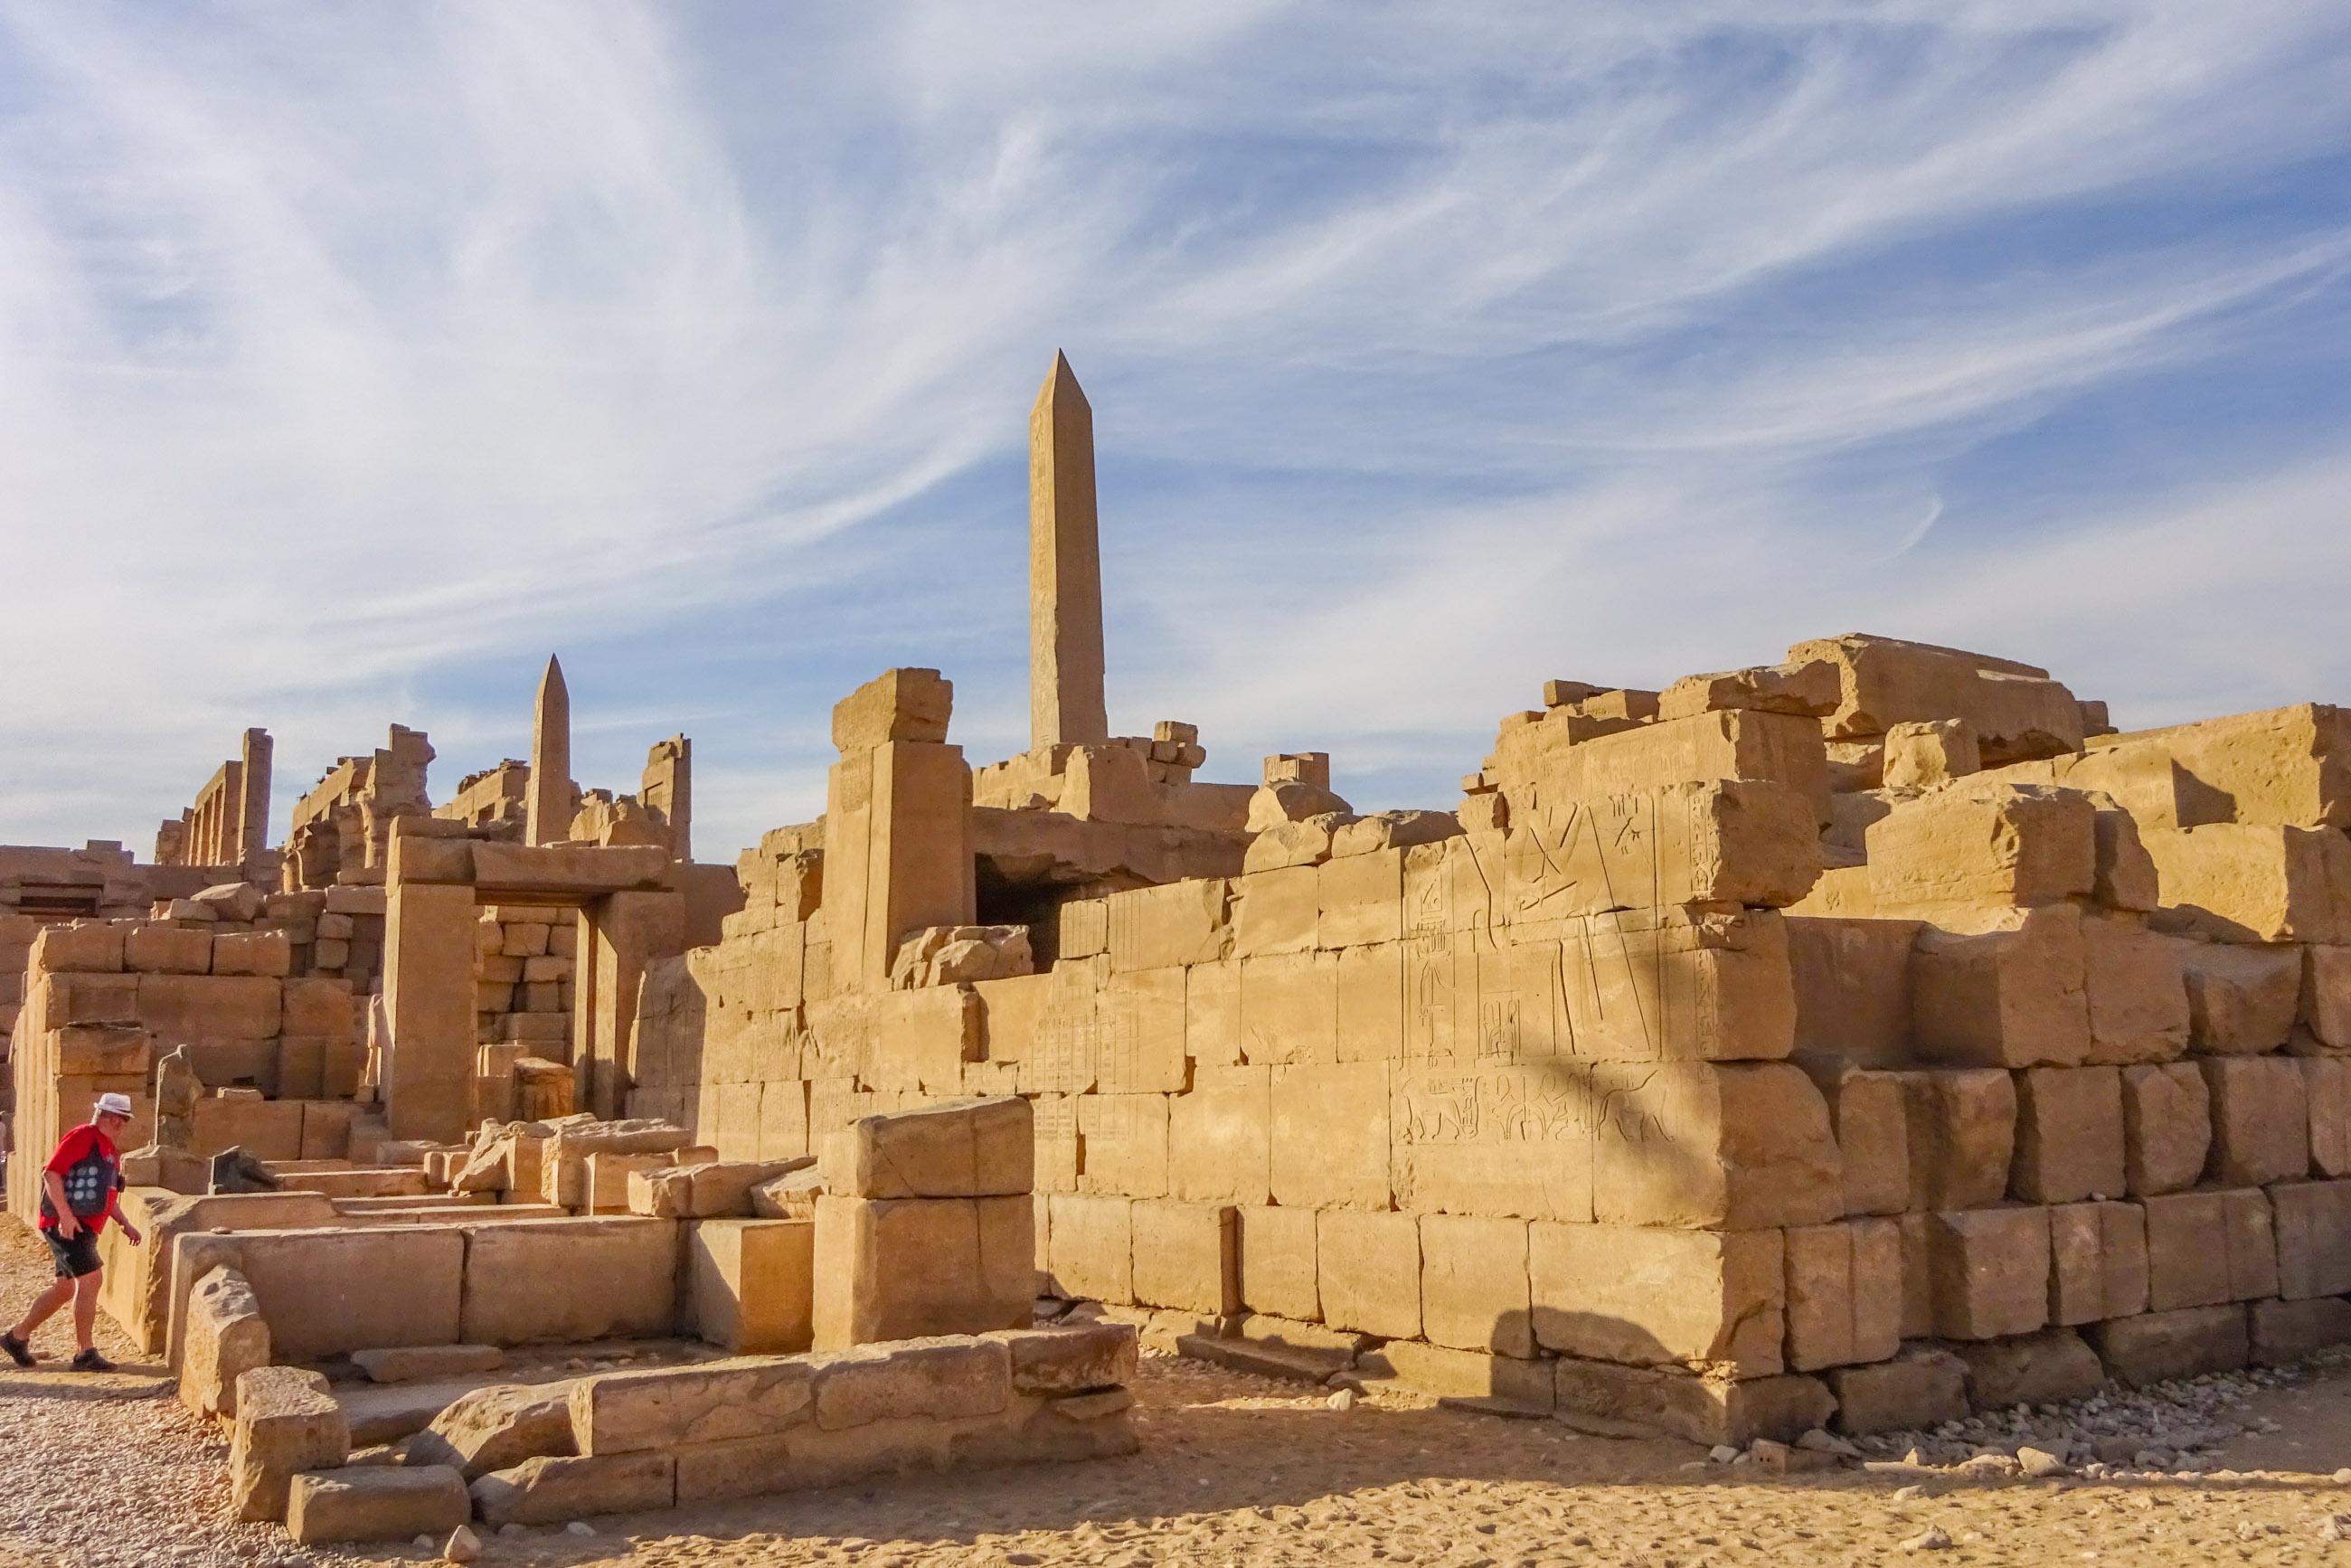 https://bubo.sk/uploads/galleries/17820/miroslavadlha_egypt_karnak_luxor-69-.jpg